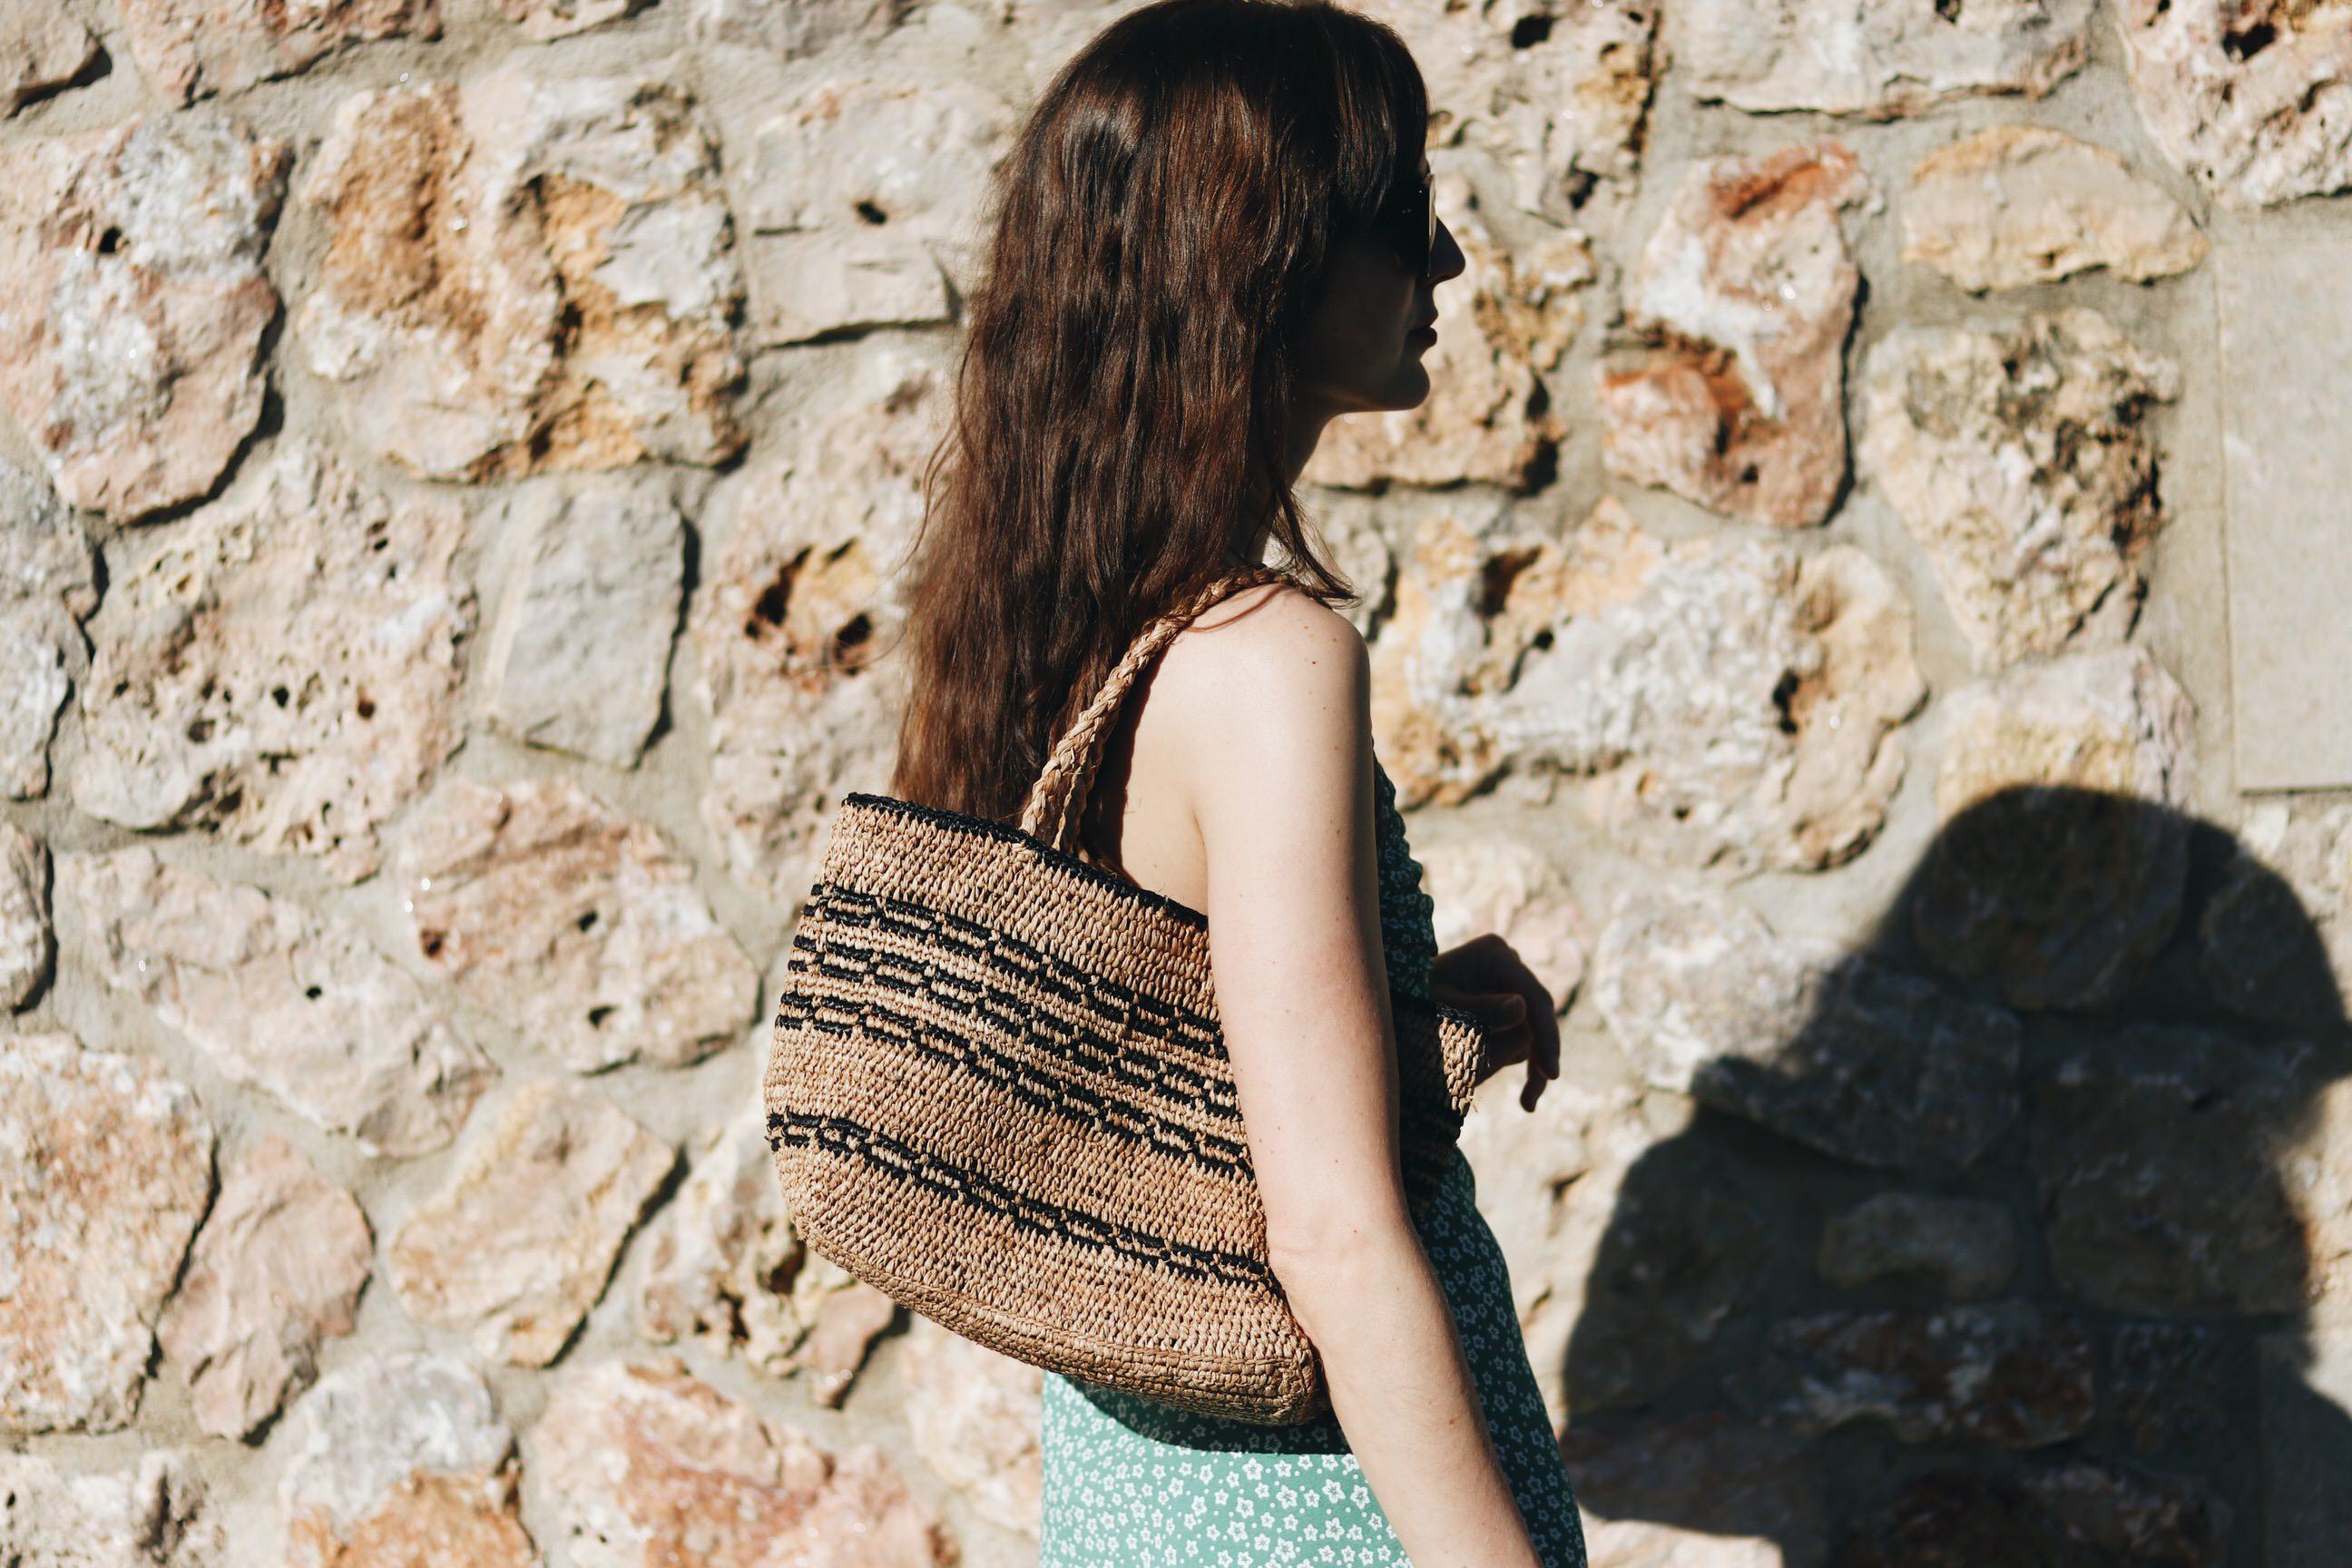 Korbtasche Modetrends Sommer Blumenmuster Kleid kombinieren